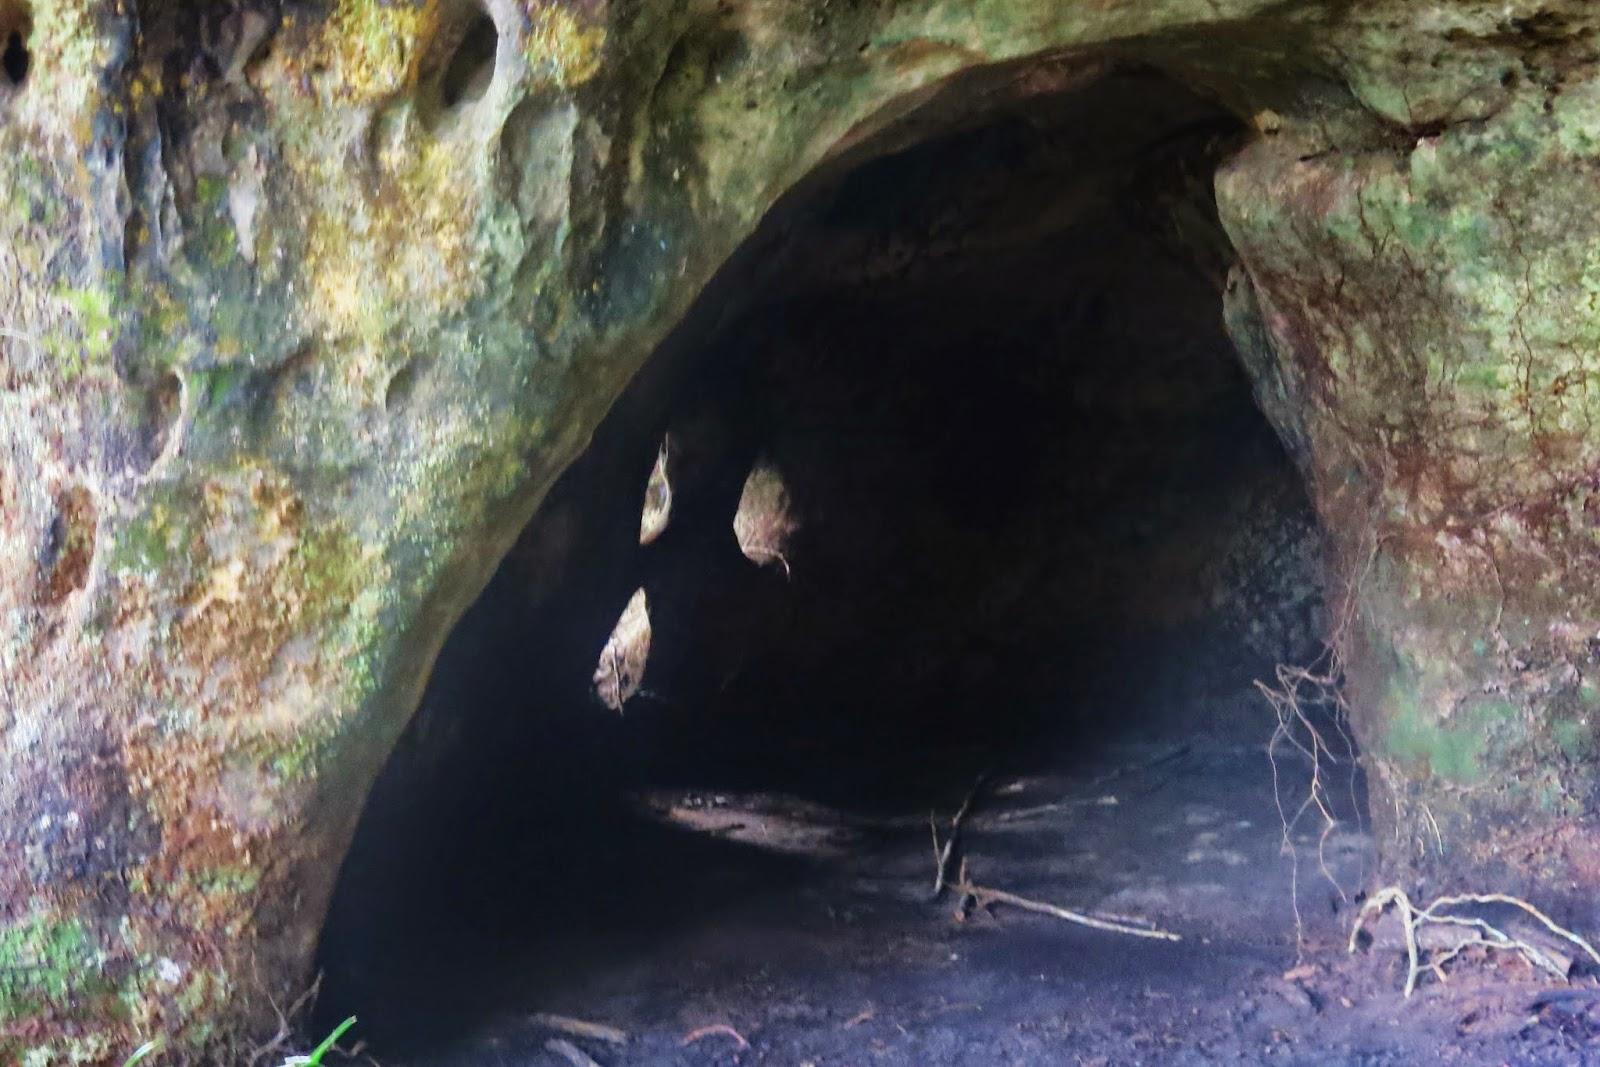 Grutas na Cachoeira da Iracema, em Presidente Figueiredo